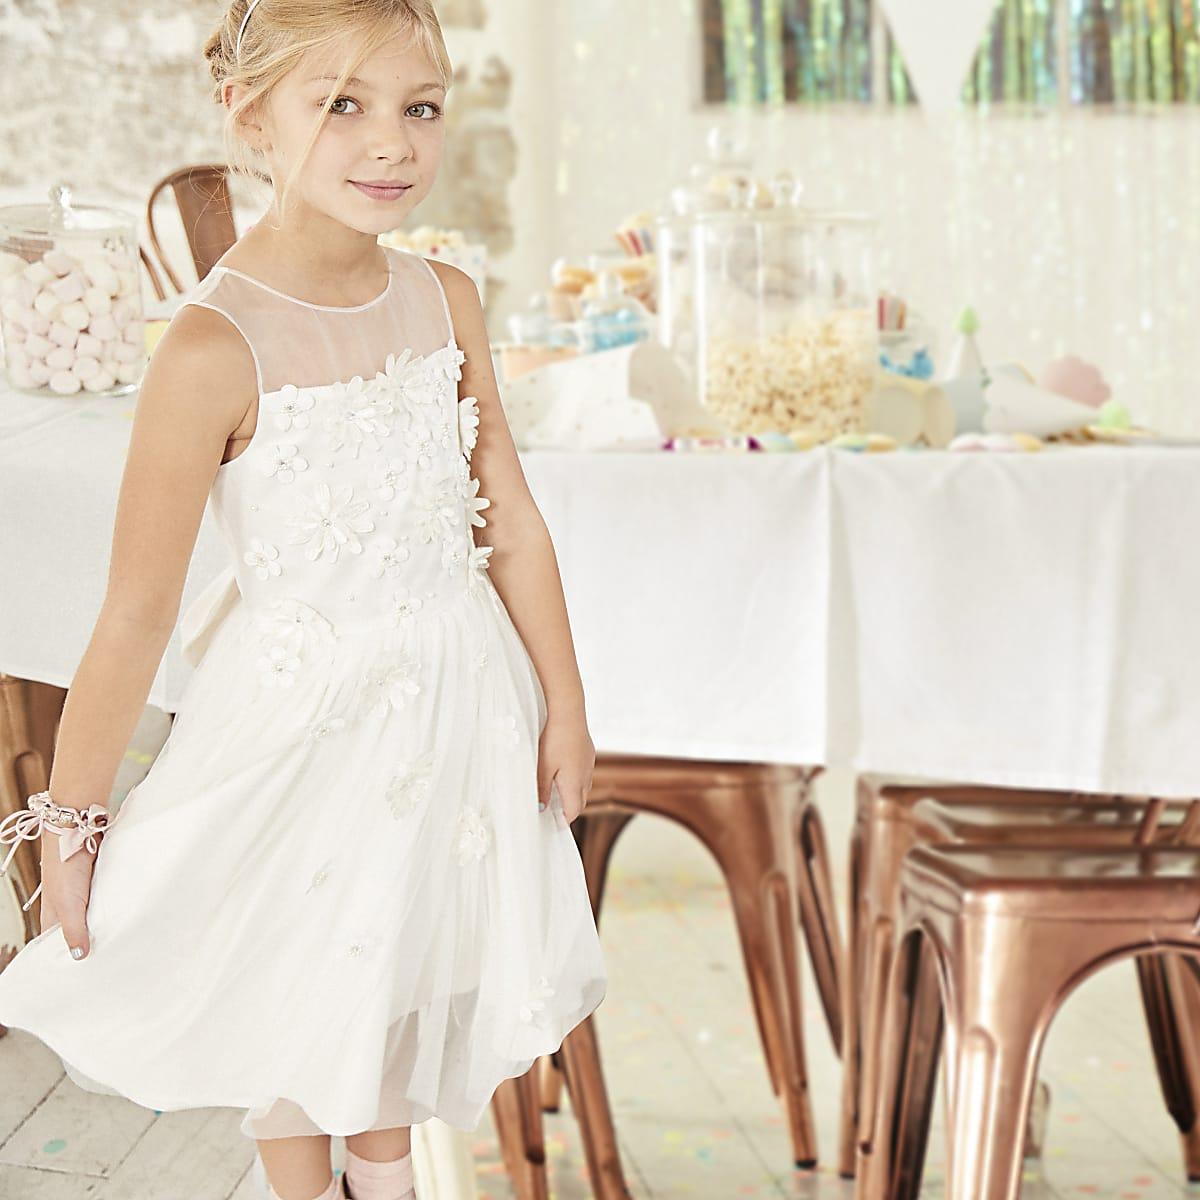 Witte bruidsmeisjesjurk met rok van tulle voor meisjes